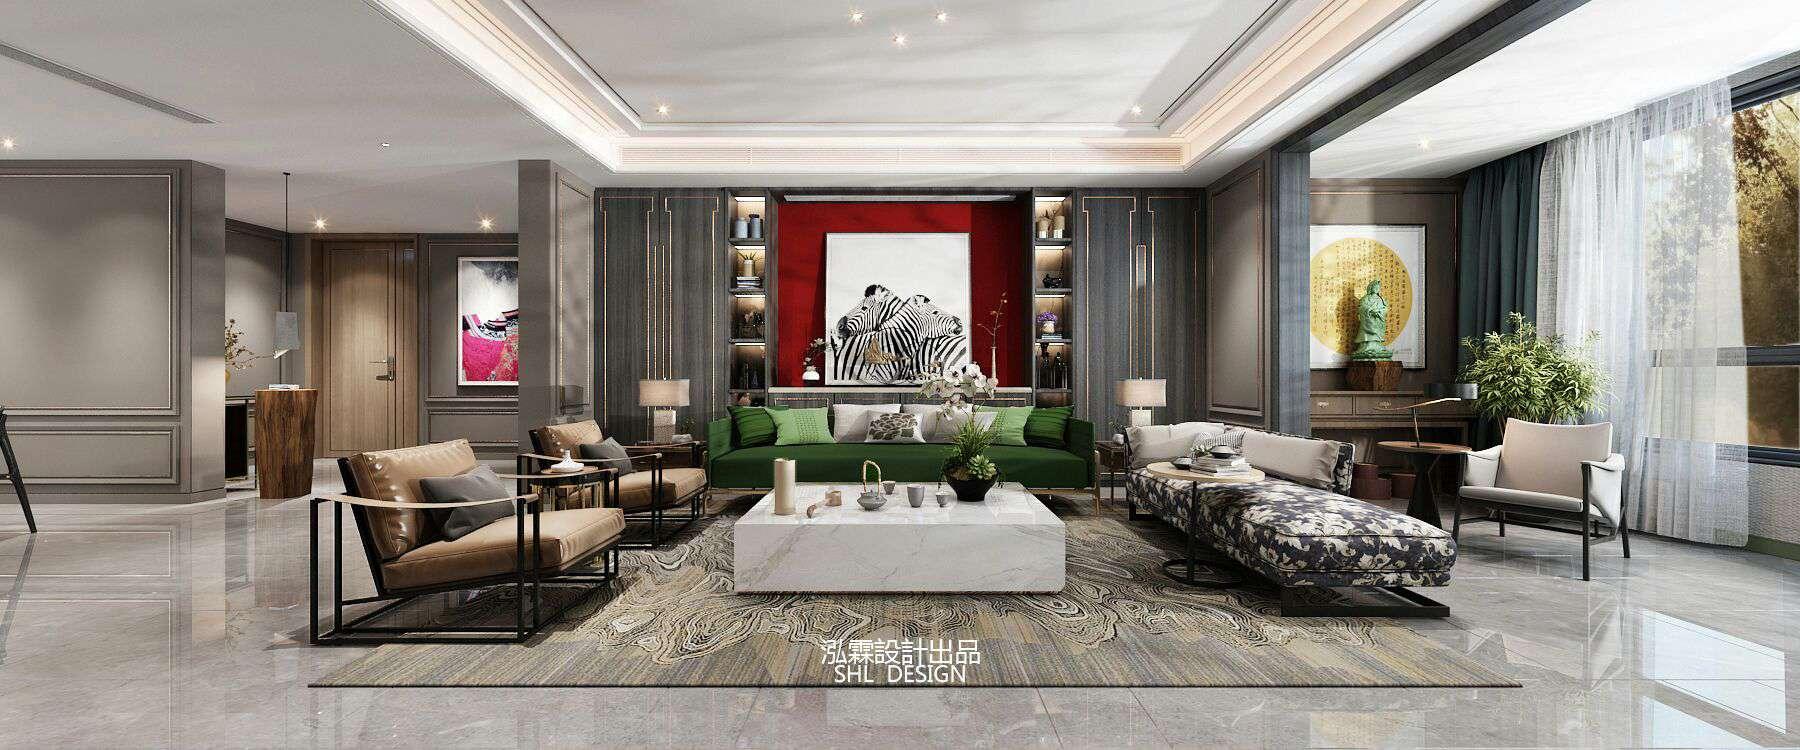 新中式风格诞生于中国传统文化复兴的新时期含蓄秀美继承传统家居中的经典元素提炼并加以丰富格调高雅,造型简朴优美色彩浓重而成熟,